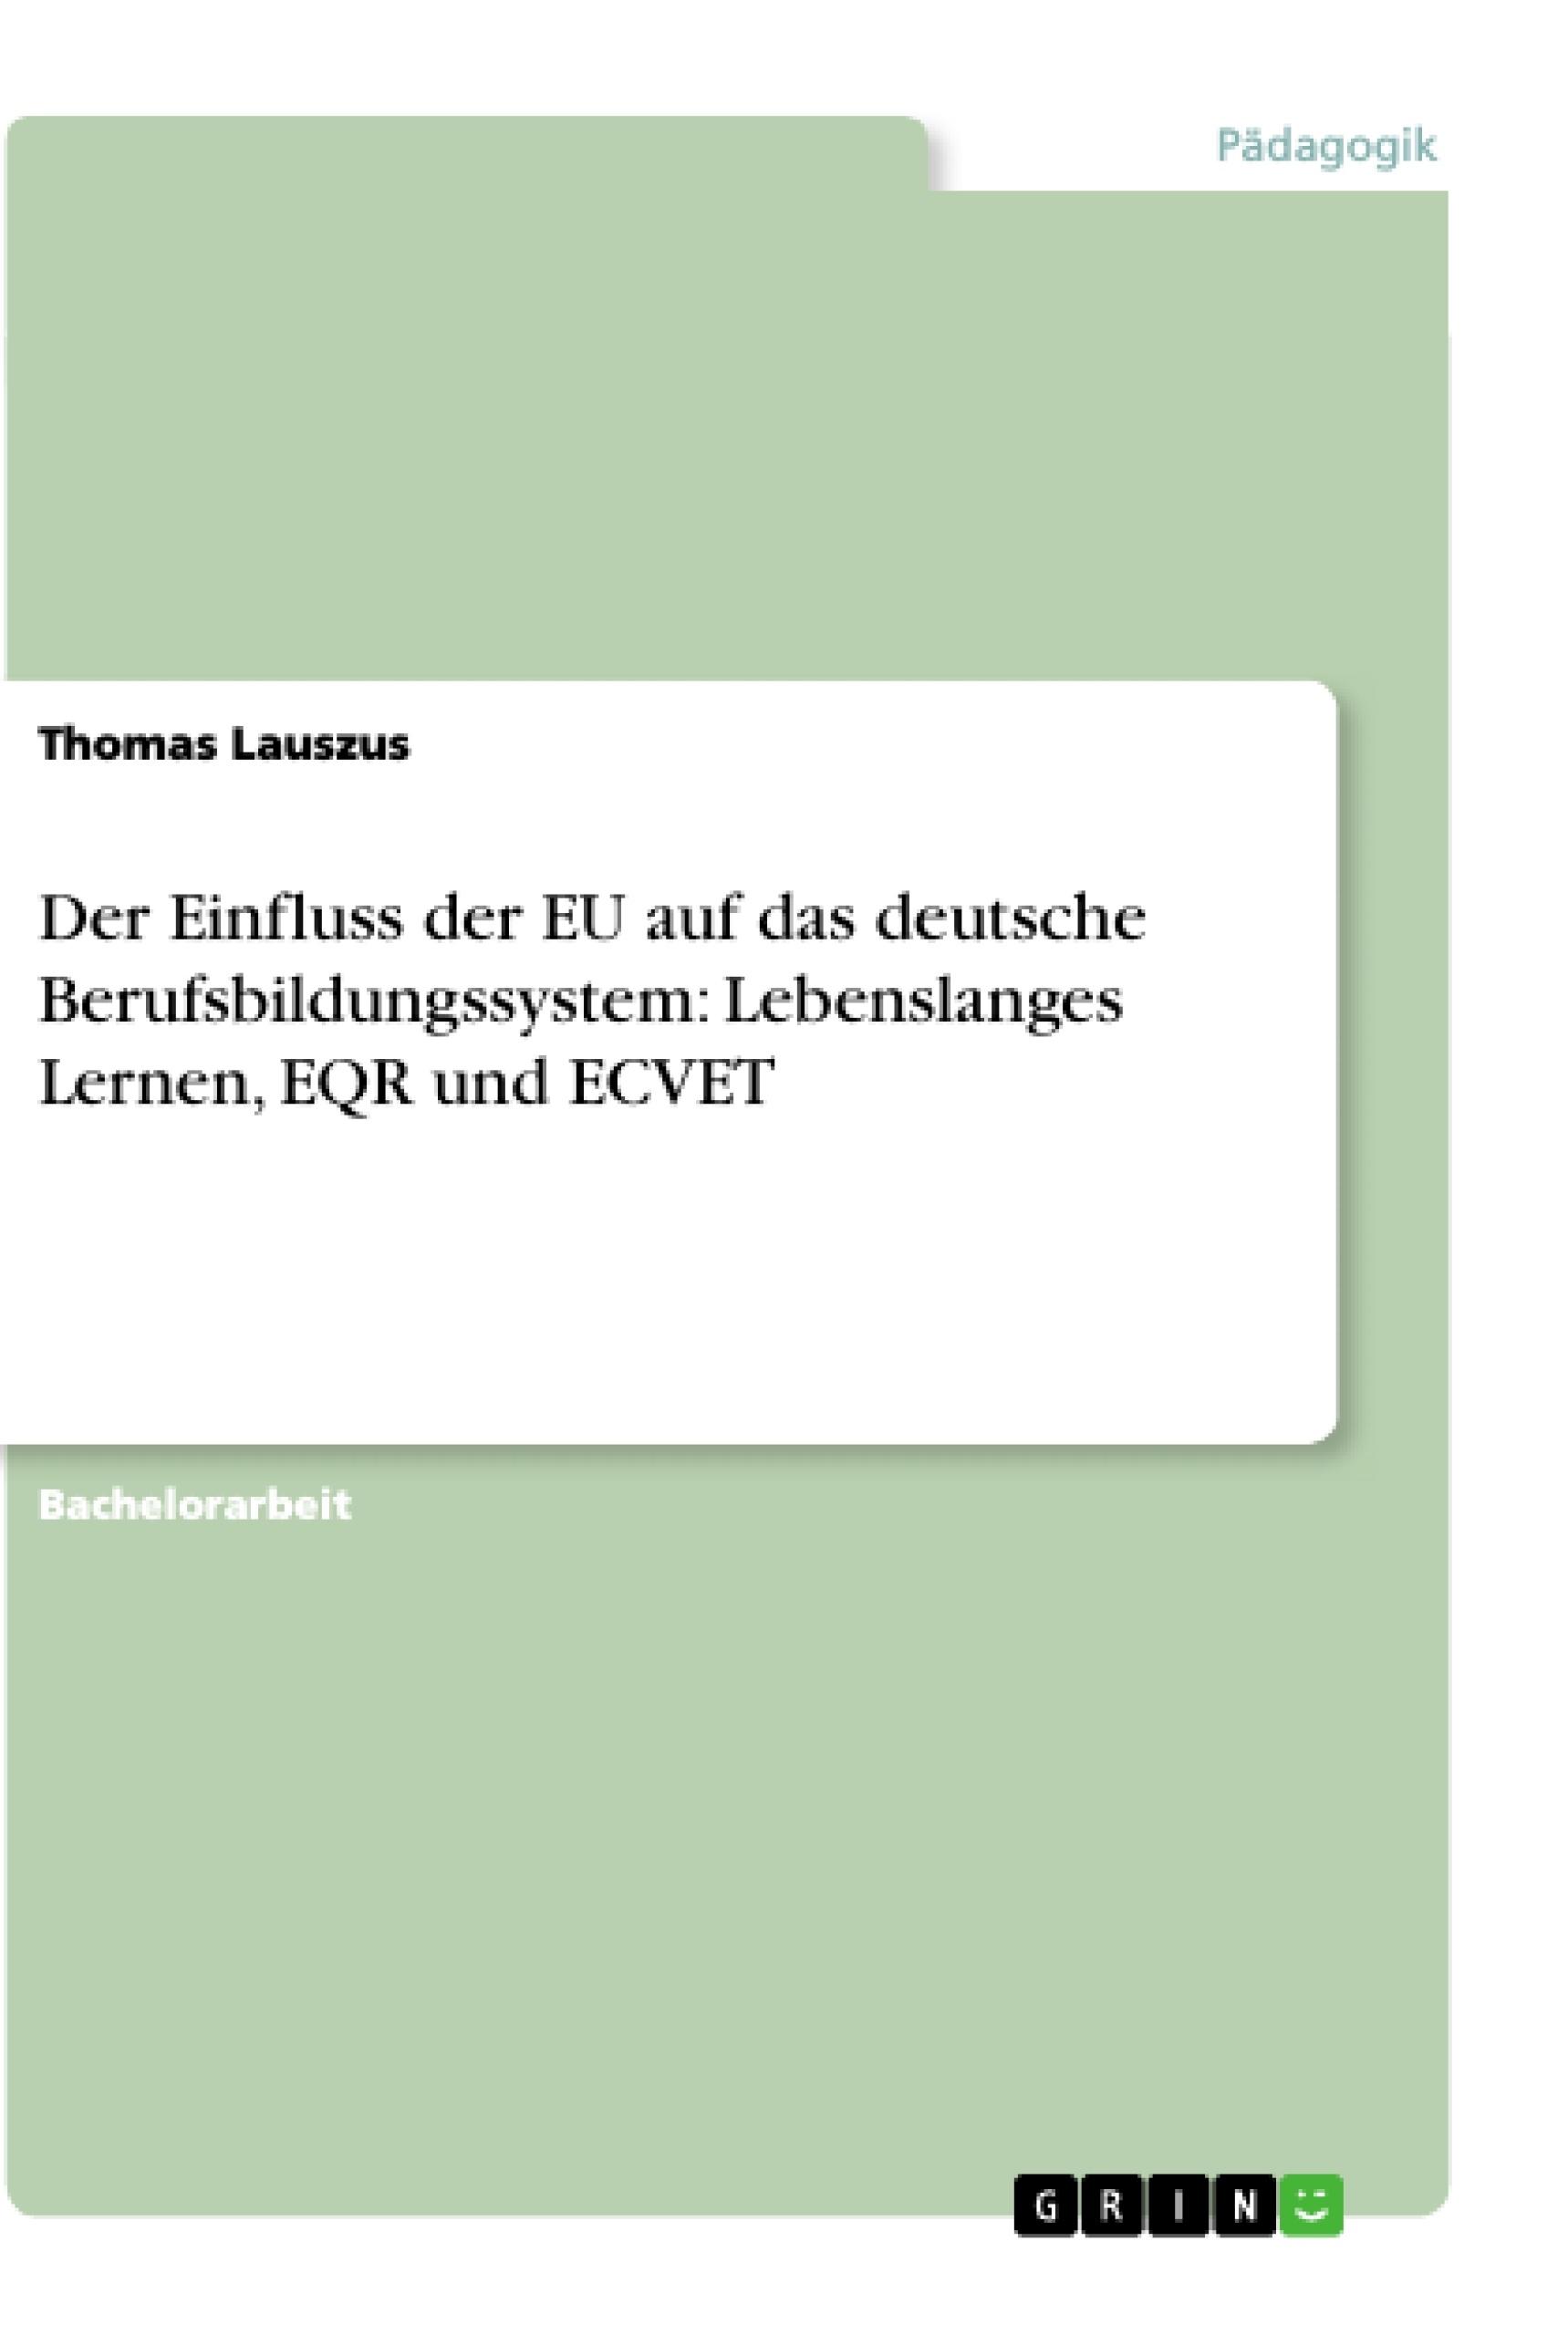 Titel: Der Einfluss der EU auf das deutsche Berufsbildungssystem: Lebenslanges Lernen, EQR und ECVET